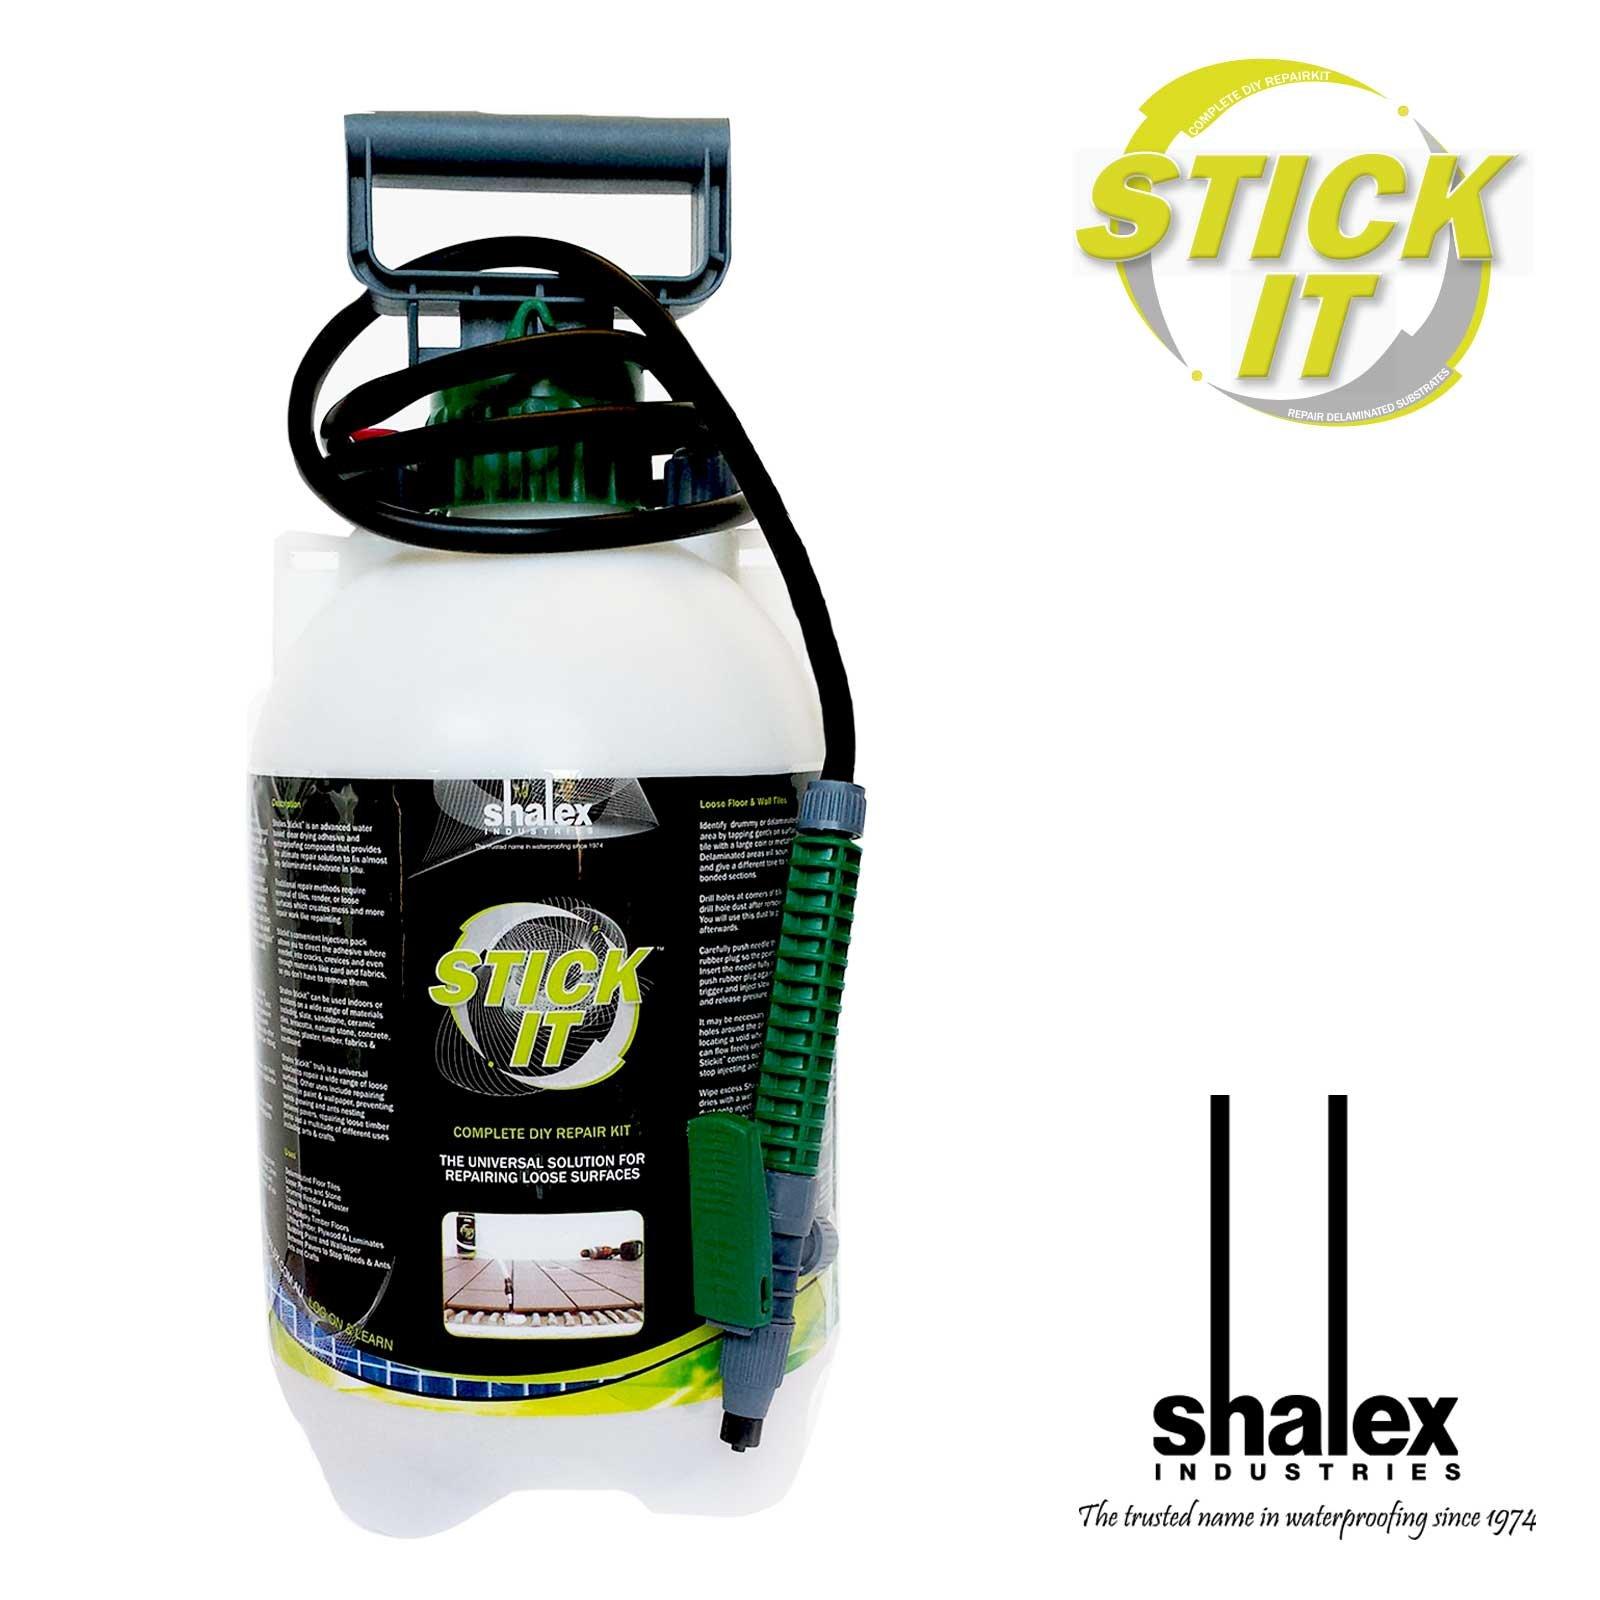 StickIt Tile Repair Kit 5L